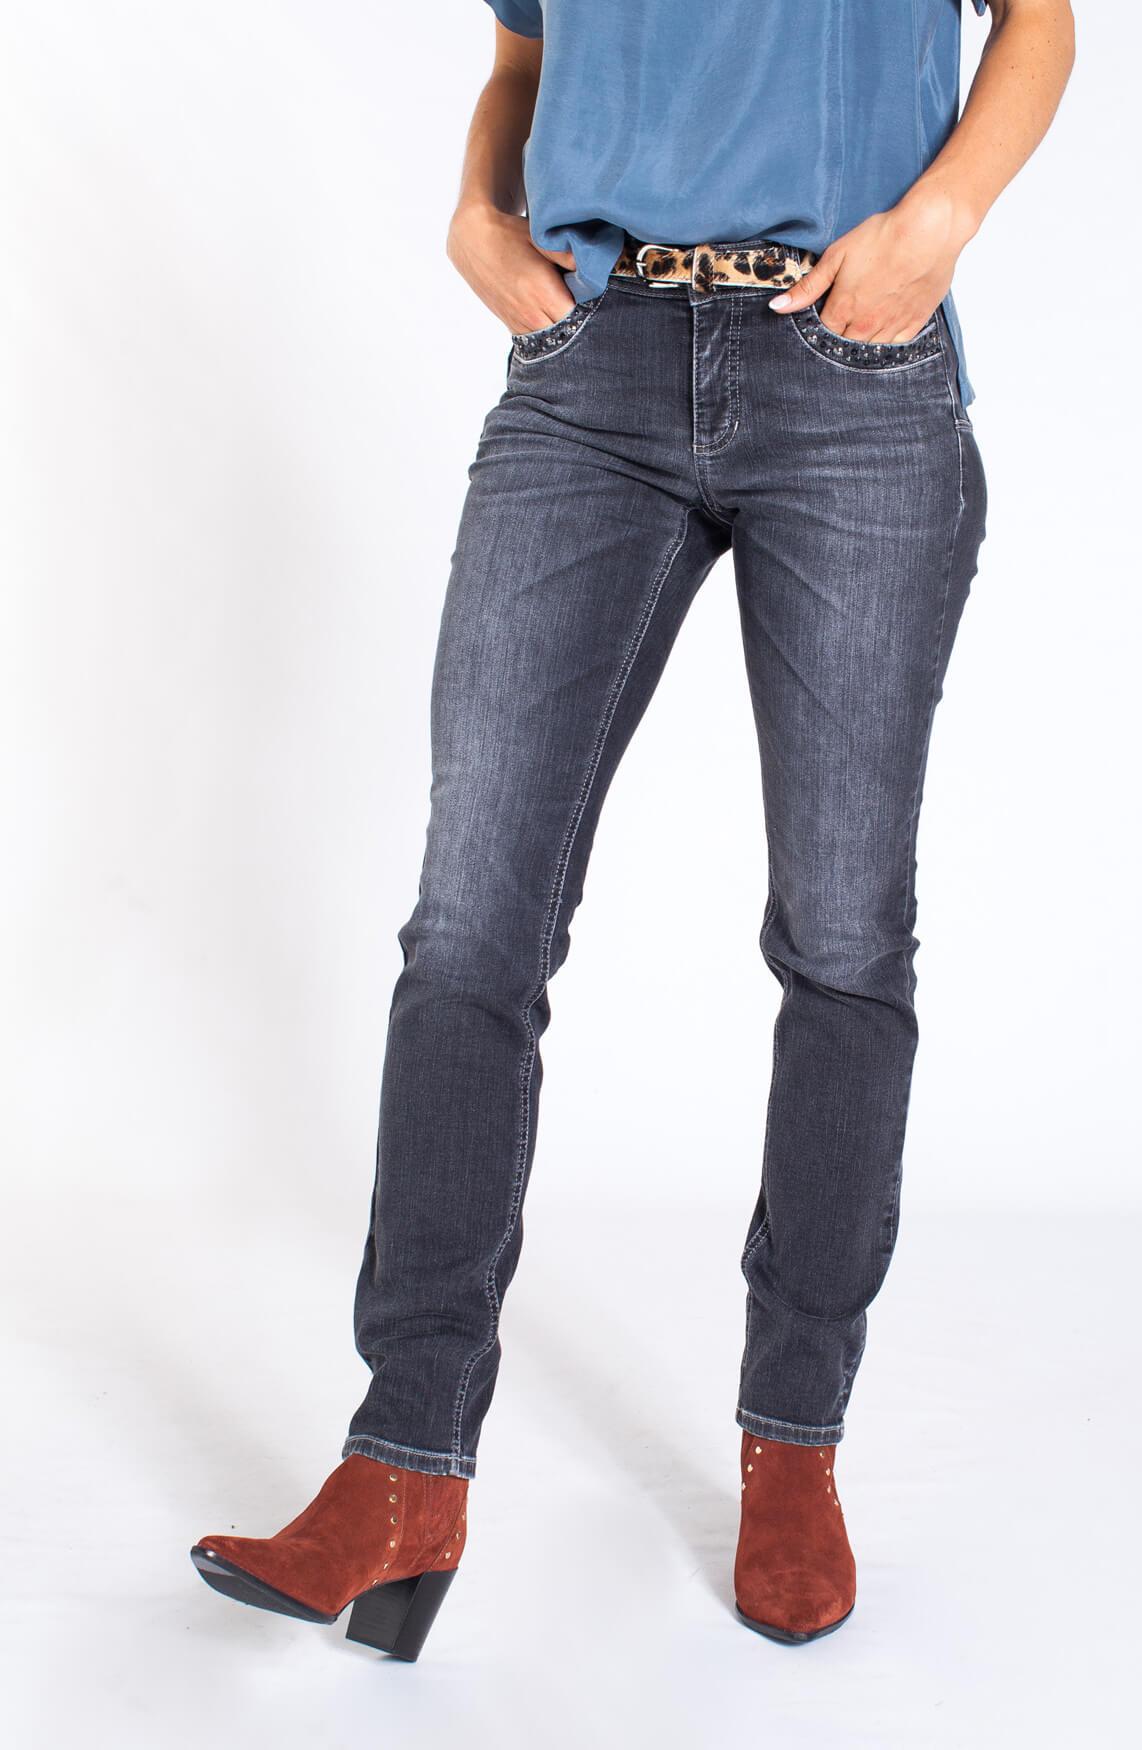 Cambio Dames Parlina jeans met Swarovski Grijs